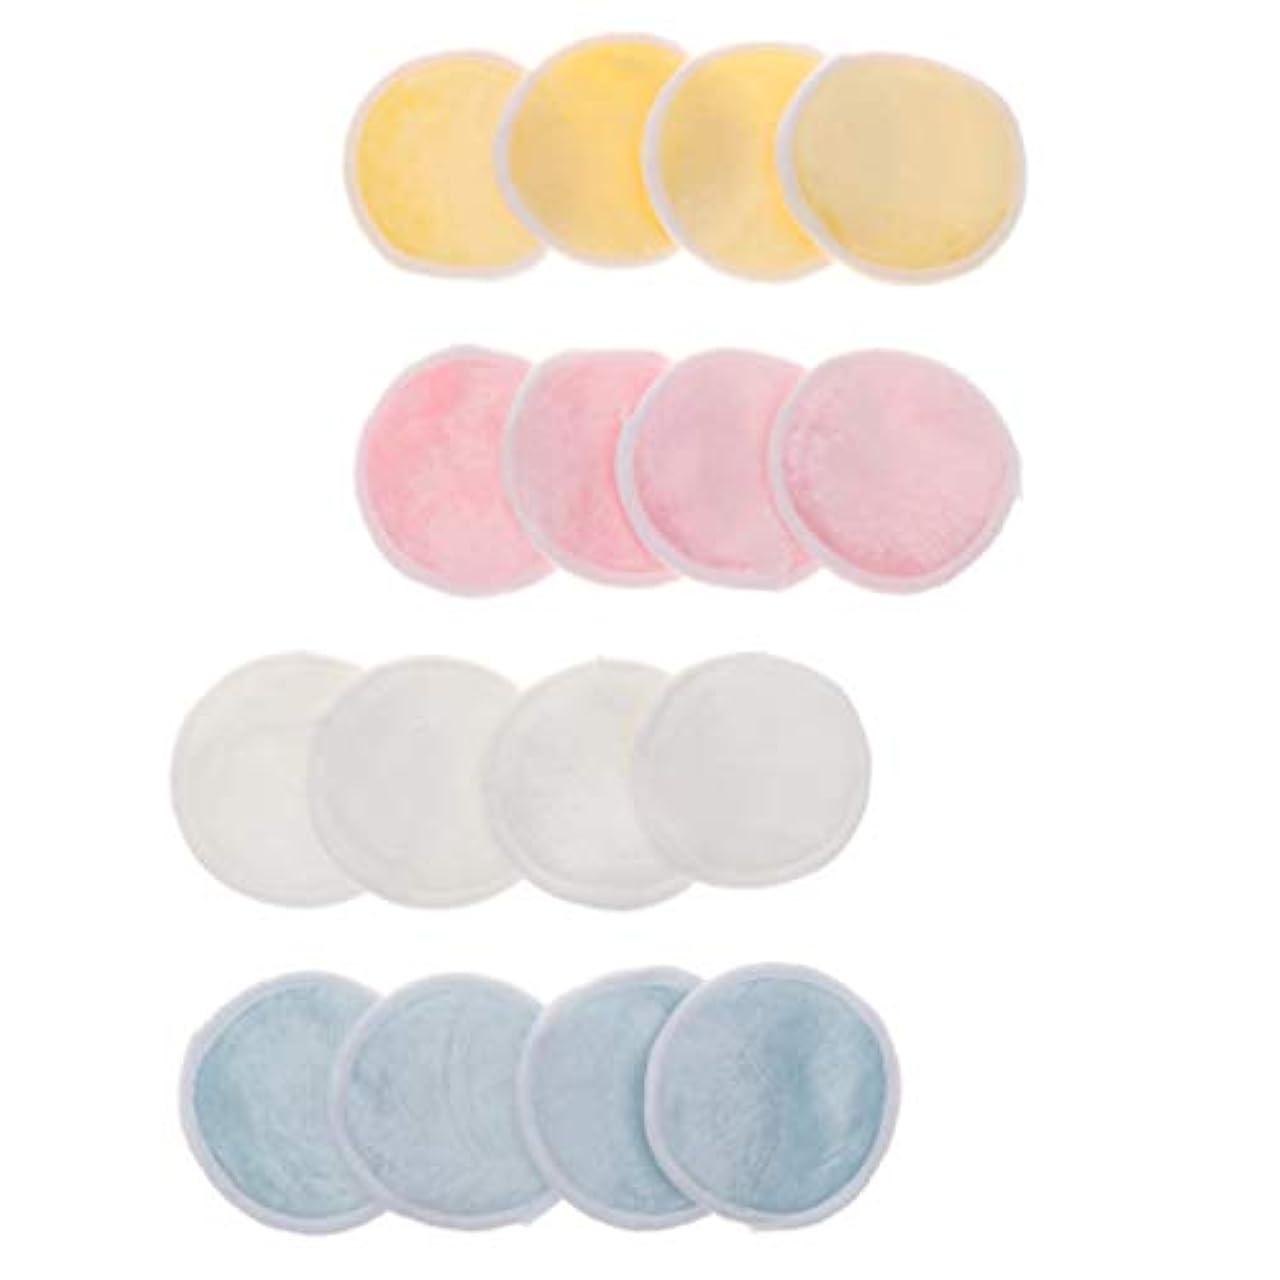 バックアップ登場冷淡な16個 クレンジングシート 化粧コットン パッド メイク落とし 再使用可能 ジッパーメッシュバッグ付